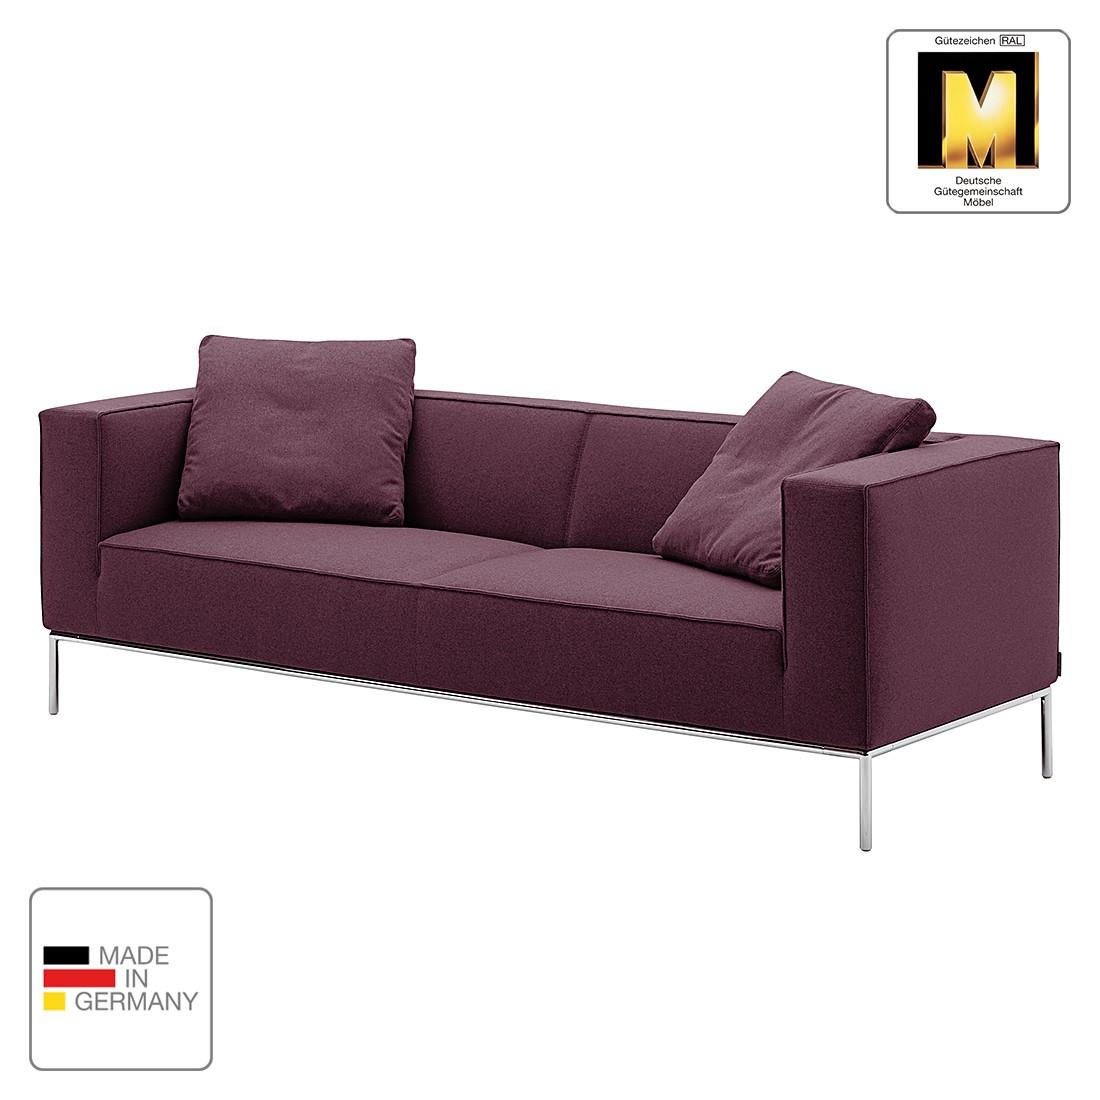 Sofa Greg (3-Sitzer) - Webstoff - Aubergine - Ohne Kissen, Machalke Polsterwerkstätten